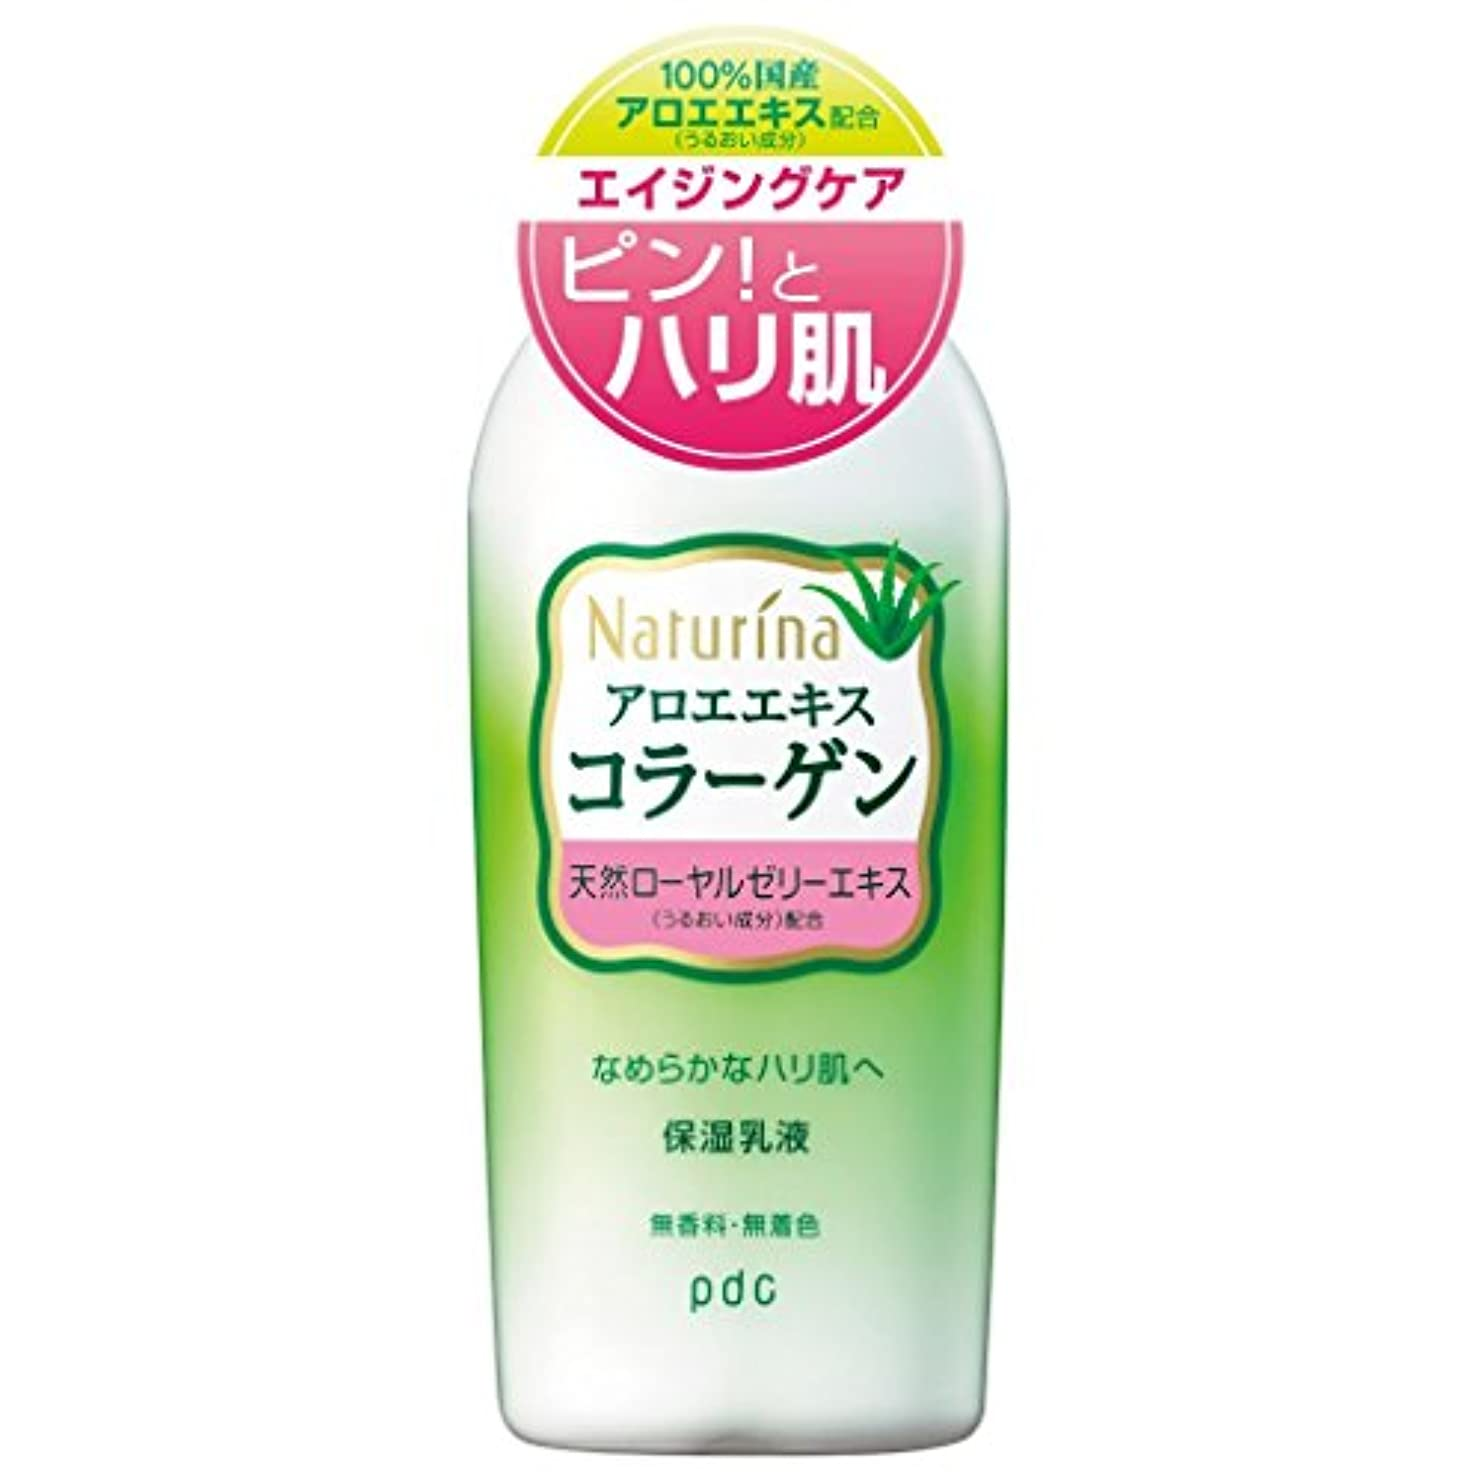 ランク罪悪感狭いナチュリナ ミルク (乳液) 190mL